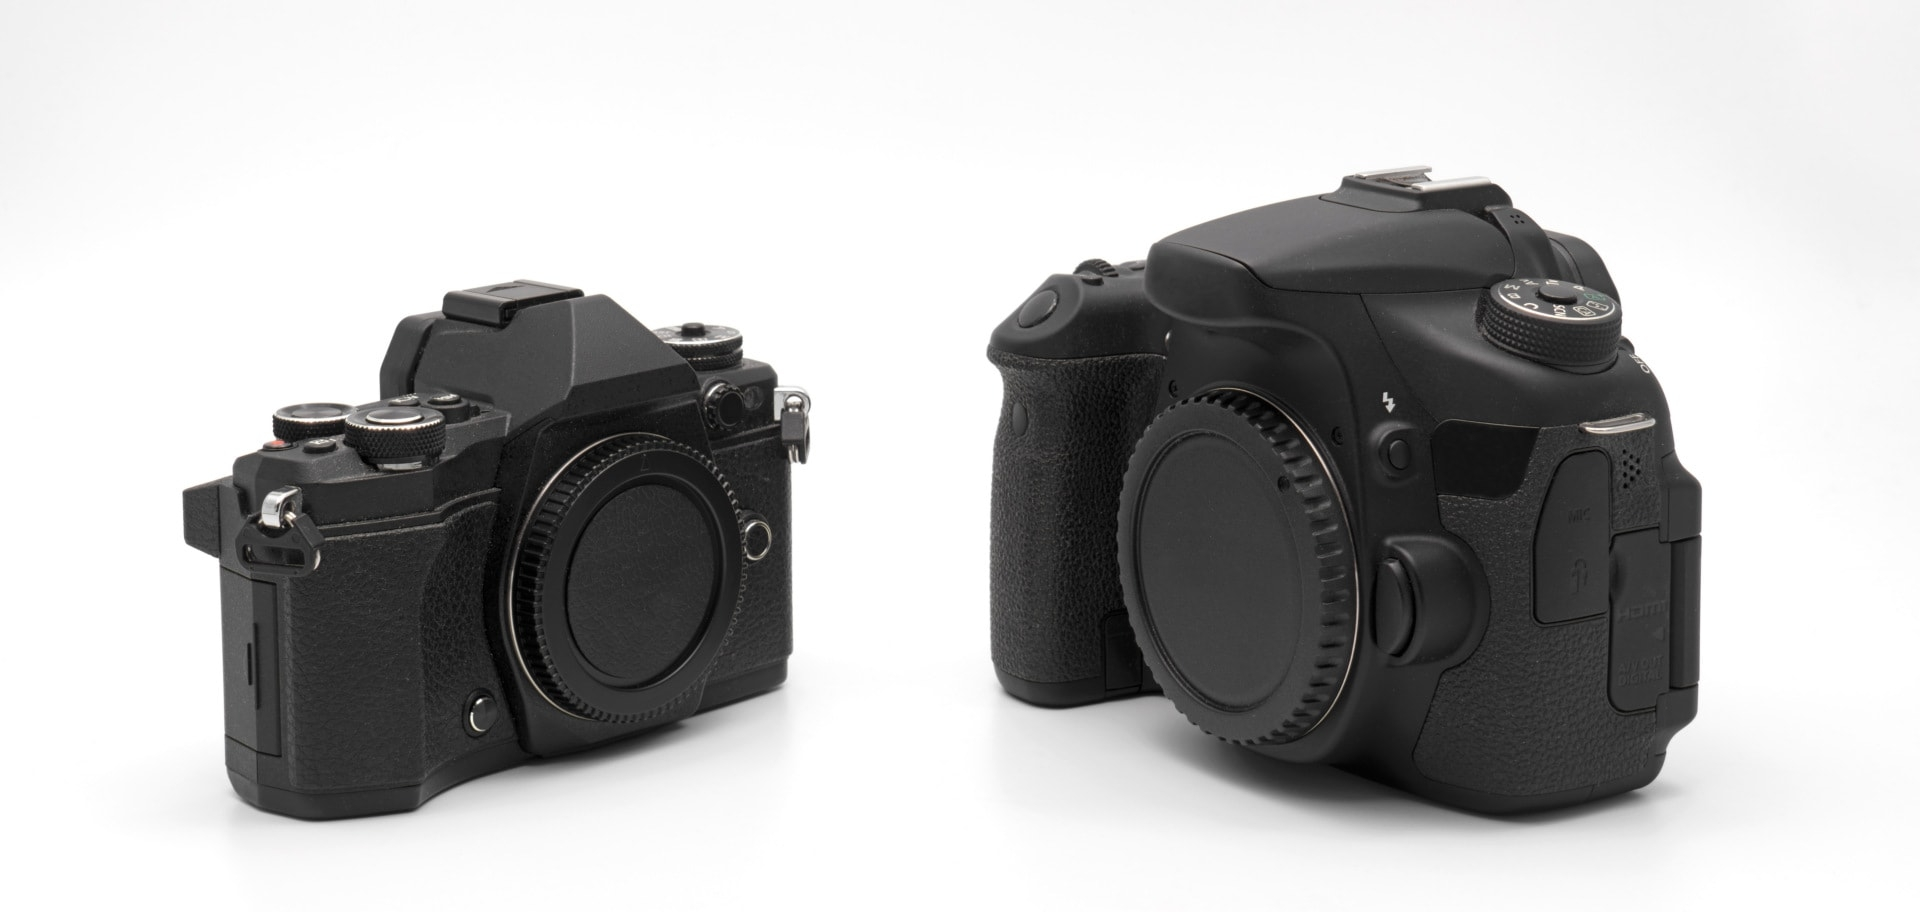 Spiegellose Kamera und Spiegelreflexkamera